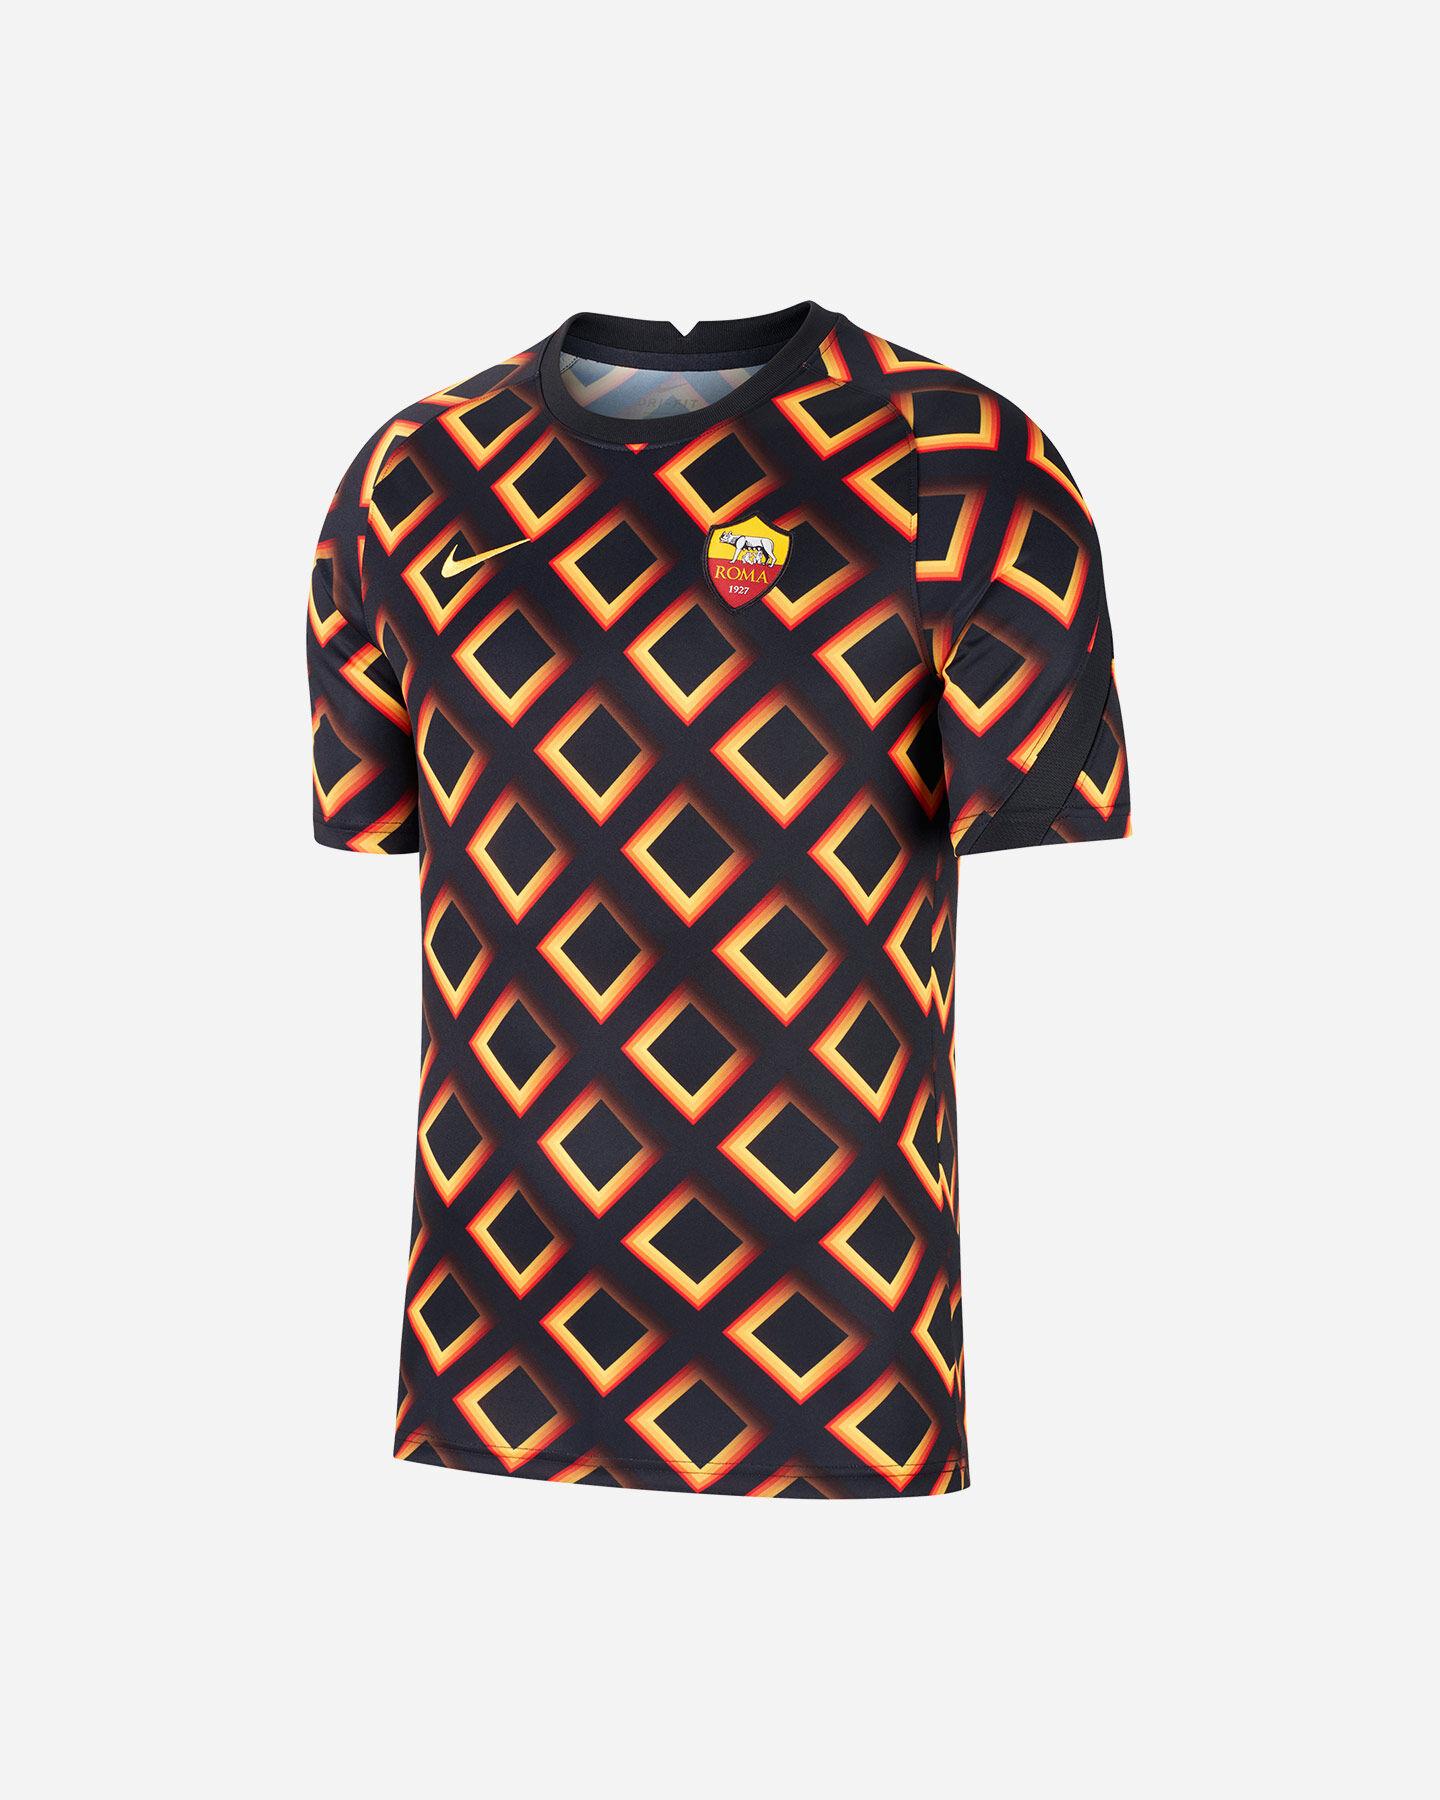 Abbigliamento calcio NIKE AS ROMA PREMATCH 20-21 M S5195542 scatto 0